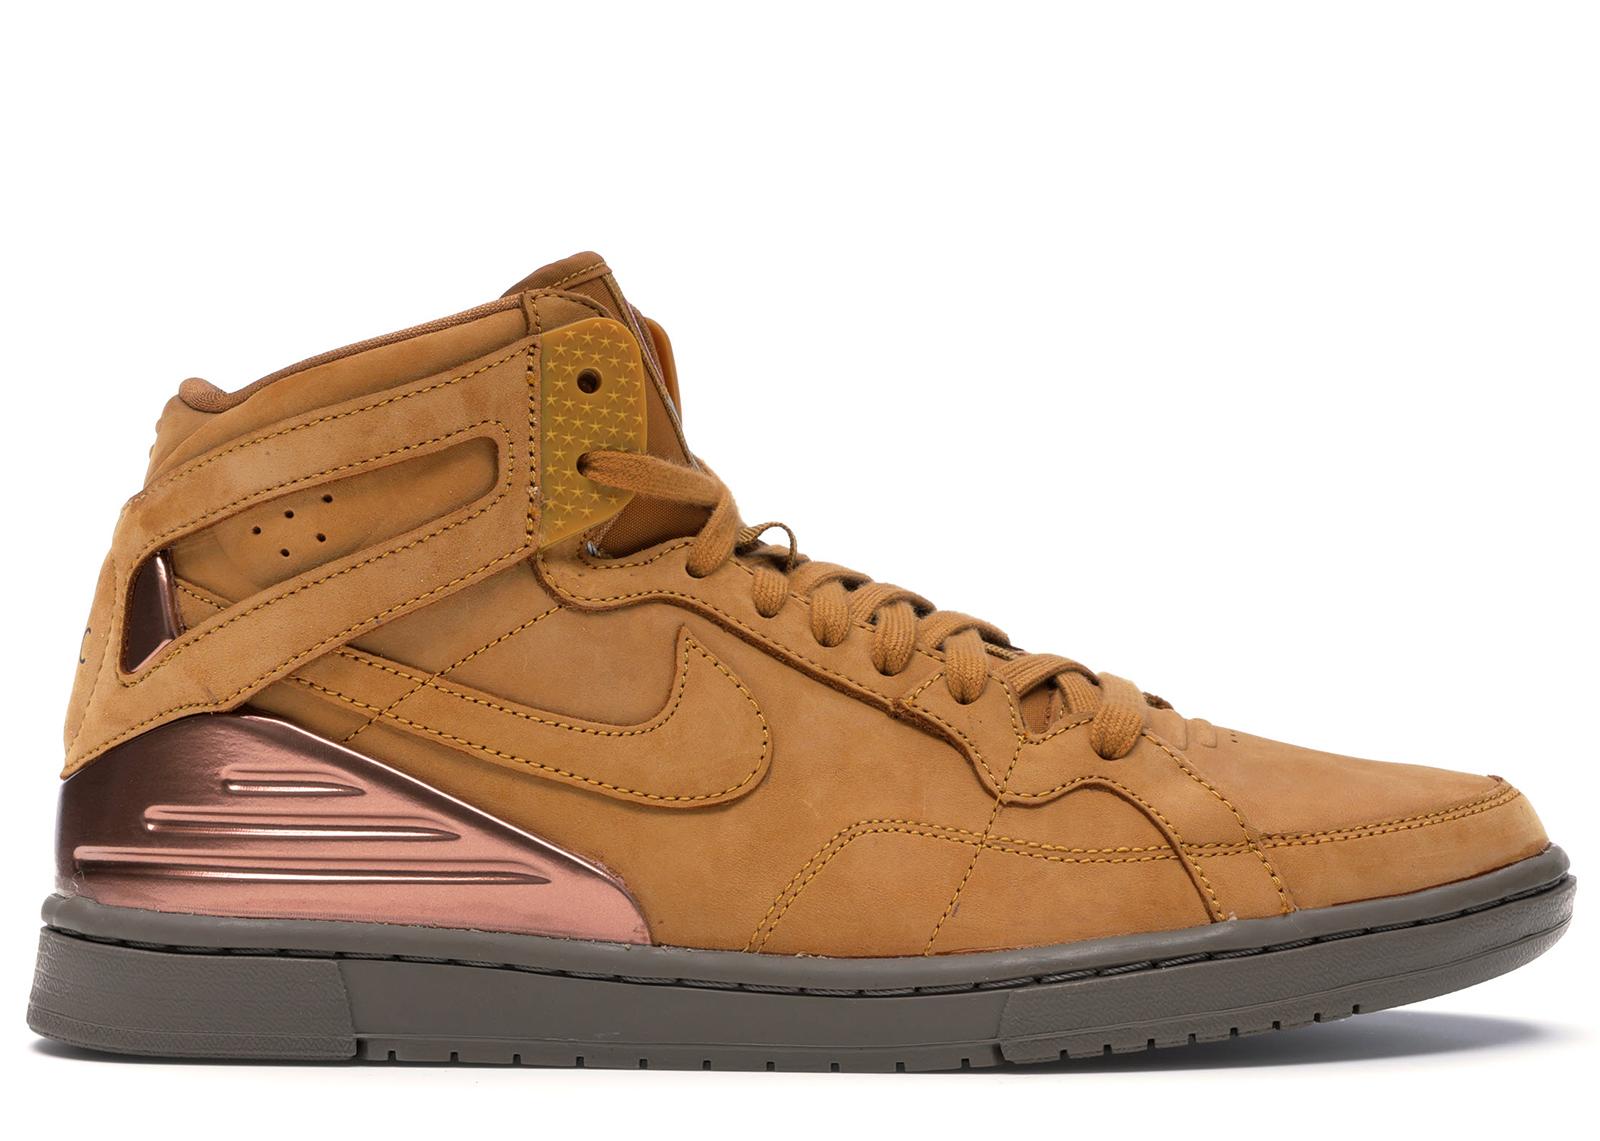 Nike Zoom Air 94 Hi Supreme Wheat